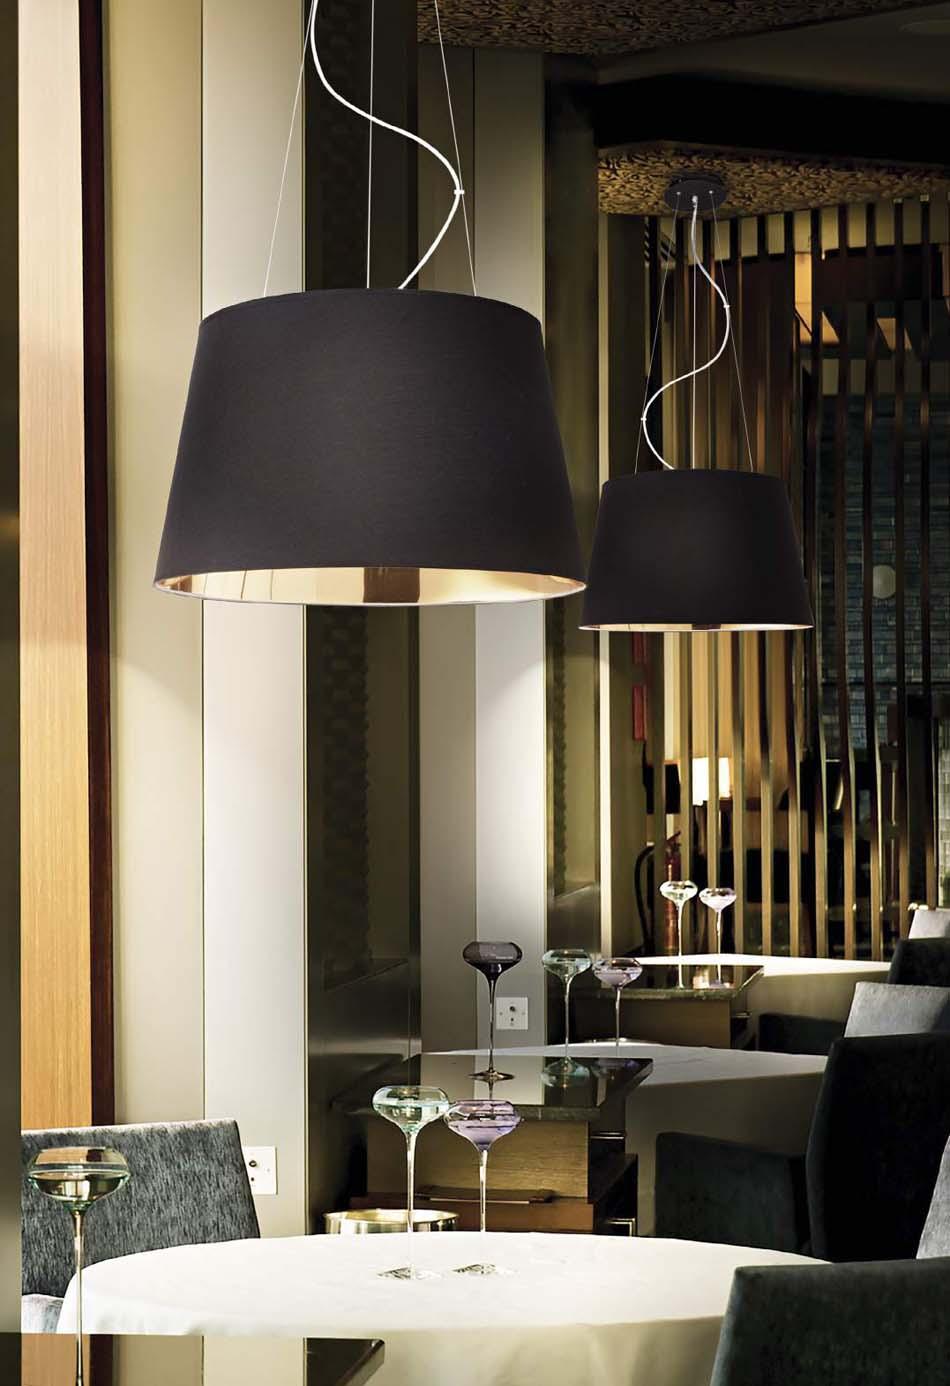 Lampade sospese Ideal Lux nordik – Toscana Arredamenti